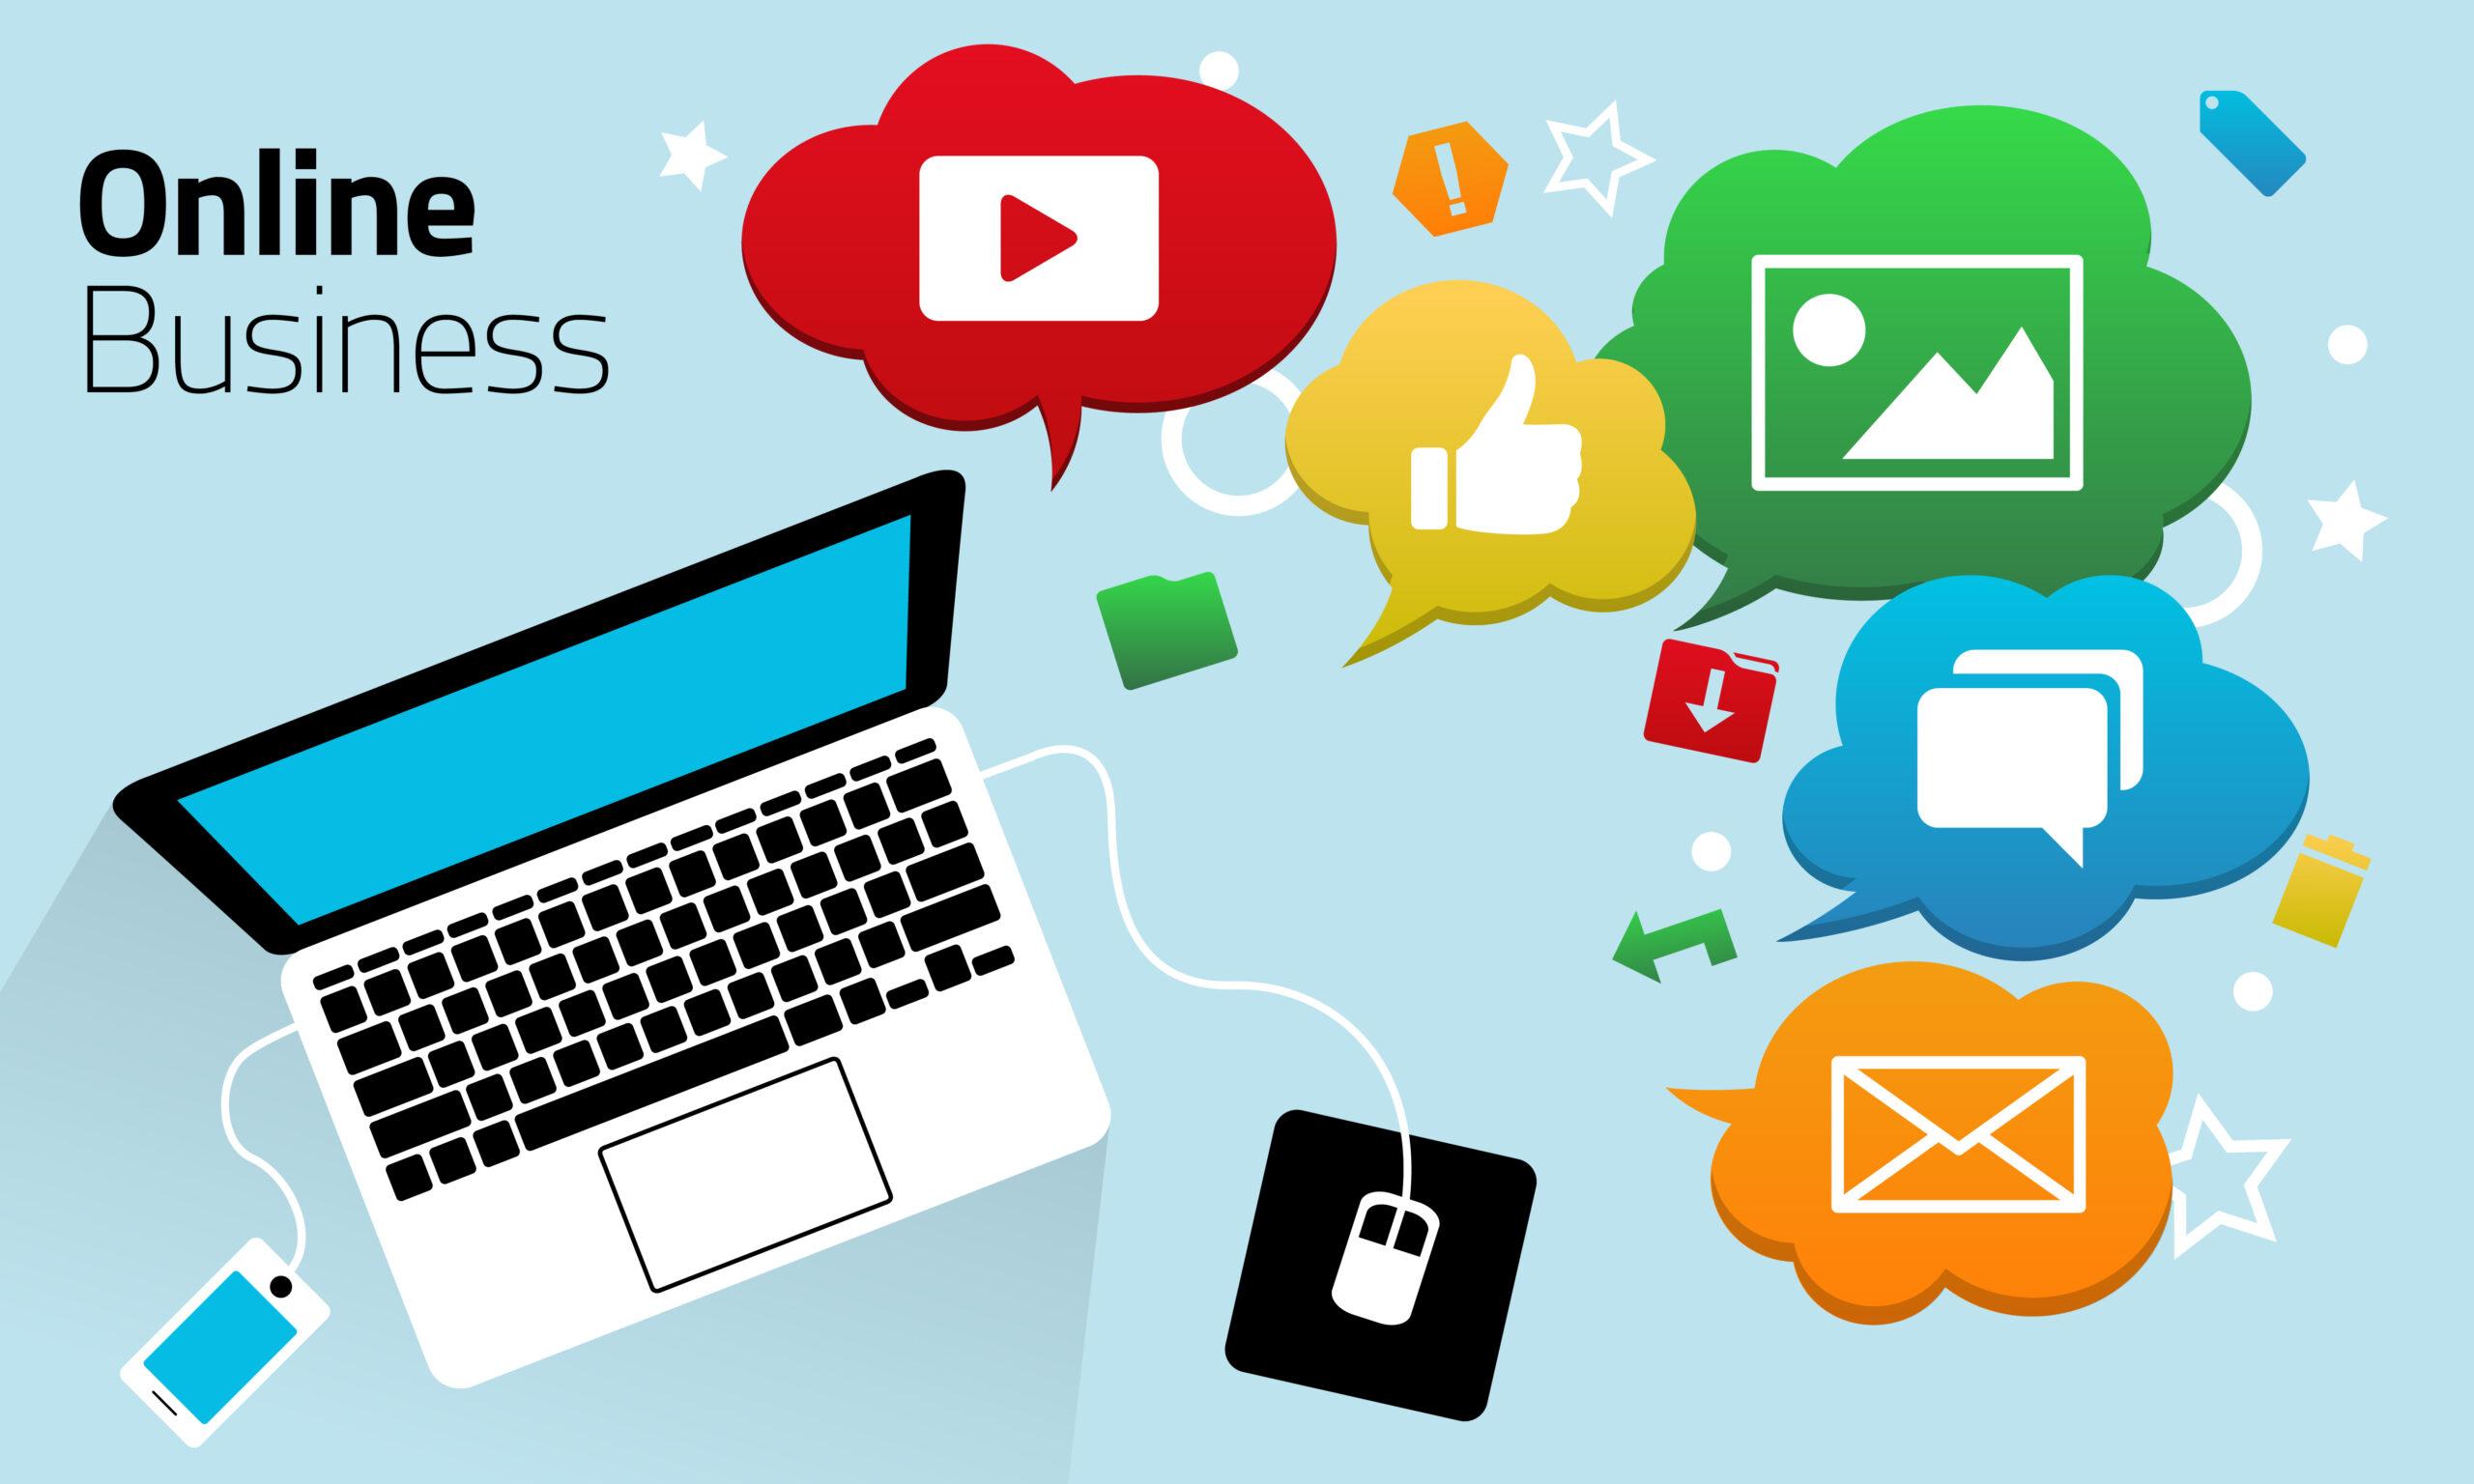 Будущее онлайн-бизнеса: 6 причин, почему вам нужно искать здесь свое место